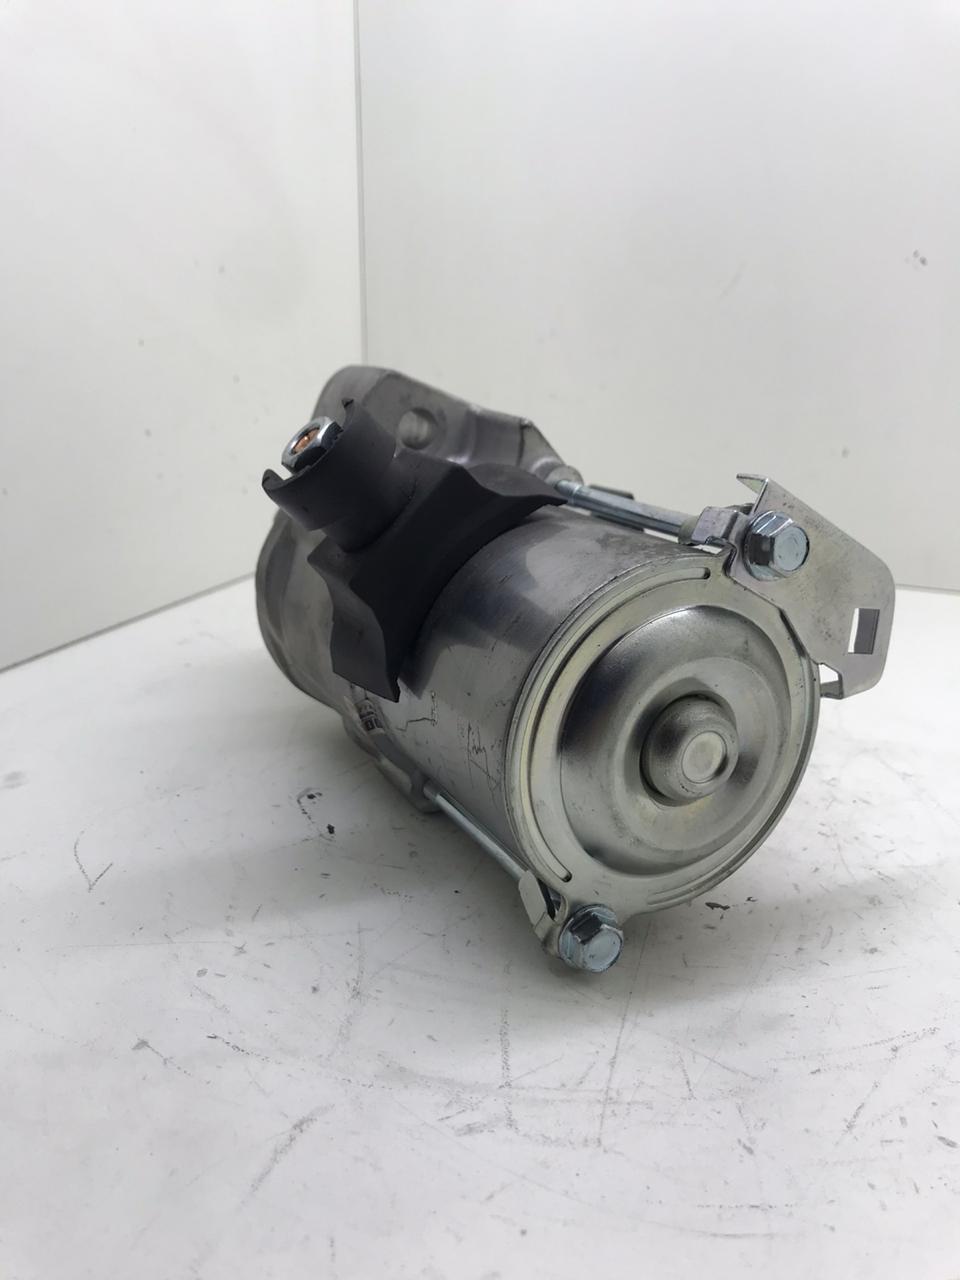 Motor de arranque HONDA FIT CITY 2015 MITSUBA 12V 13 DENTES SM74018 CAE35155 NQD 6605 E 20508 D 20236  AEC11068